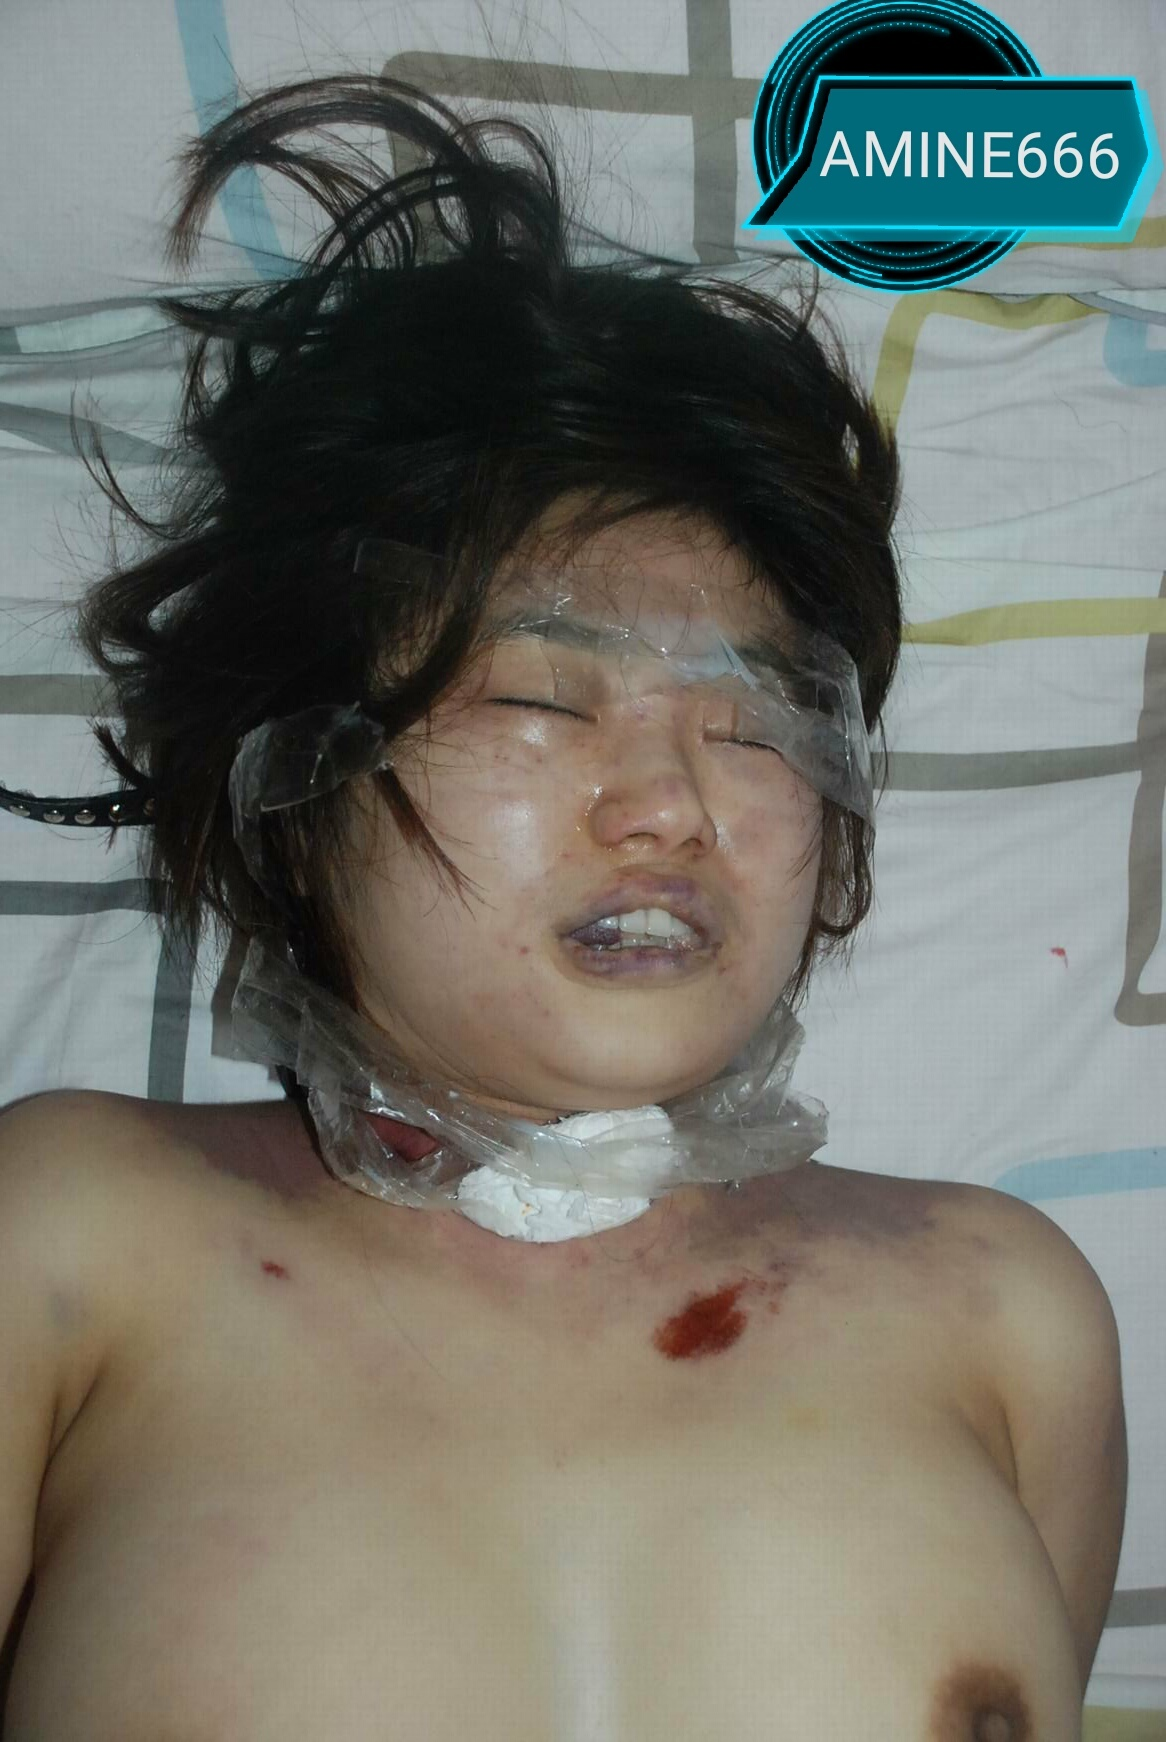 【レイプ殺人】中国でレイプされ絞殺された女性、なんで画像が出回るんだ・・・・・(画像)・11枚目